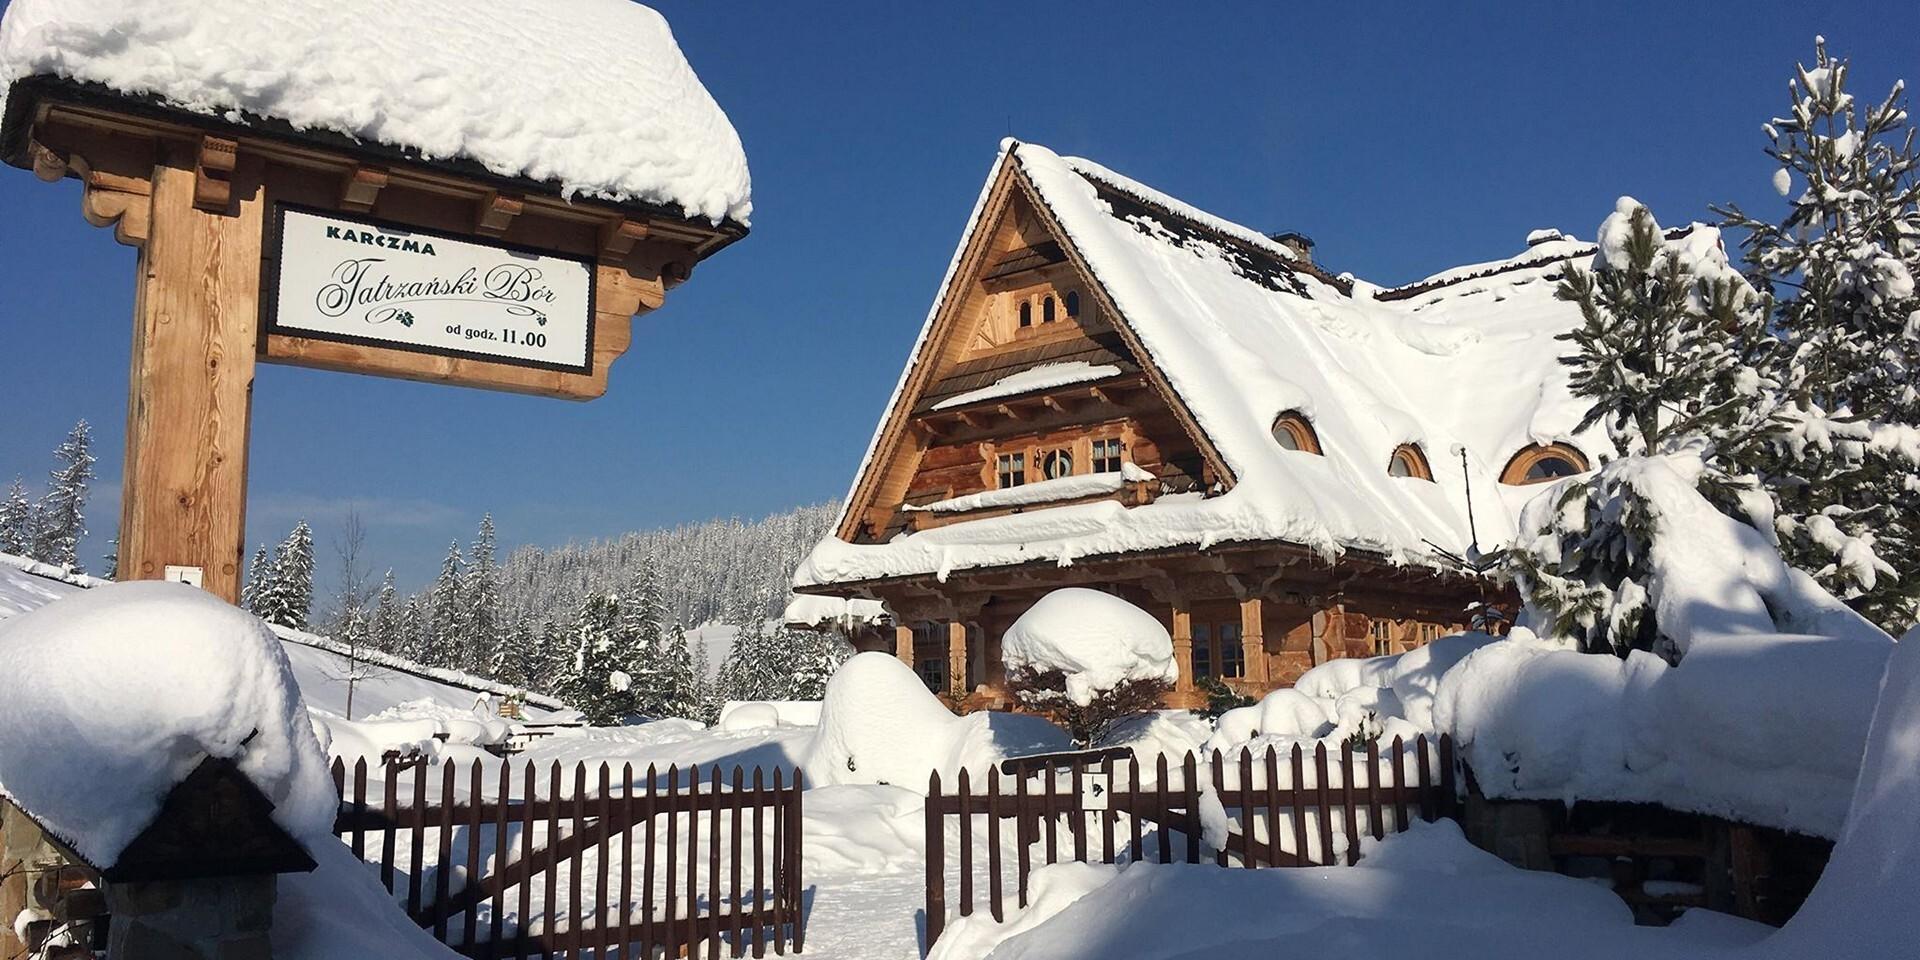 Nadštandardné izby vo vynikajúcom penzióne Tatrzanski Bór blízko 3 aquaparkov a ski centier